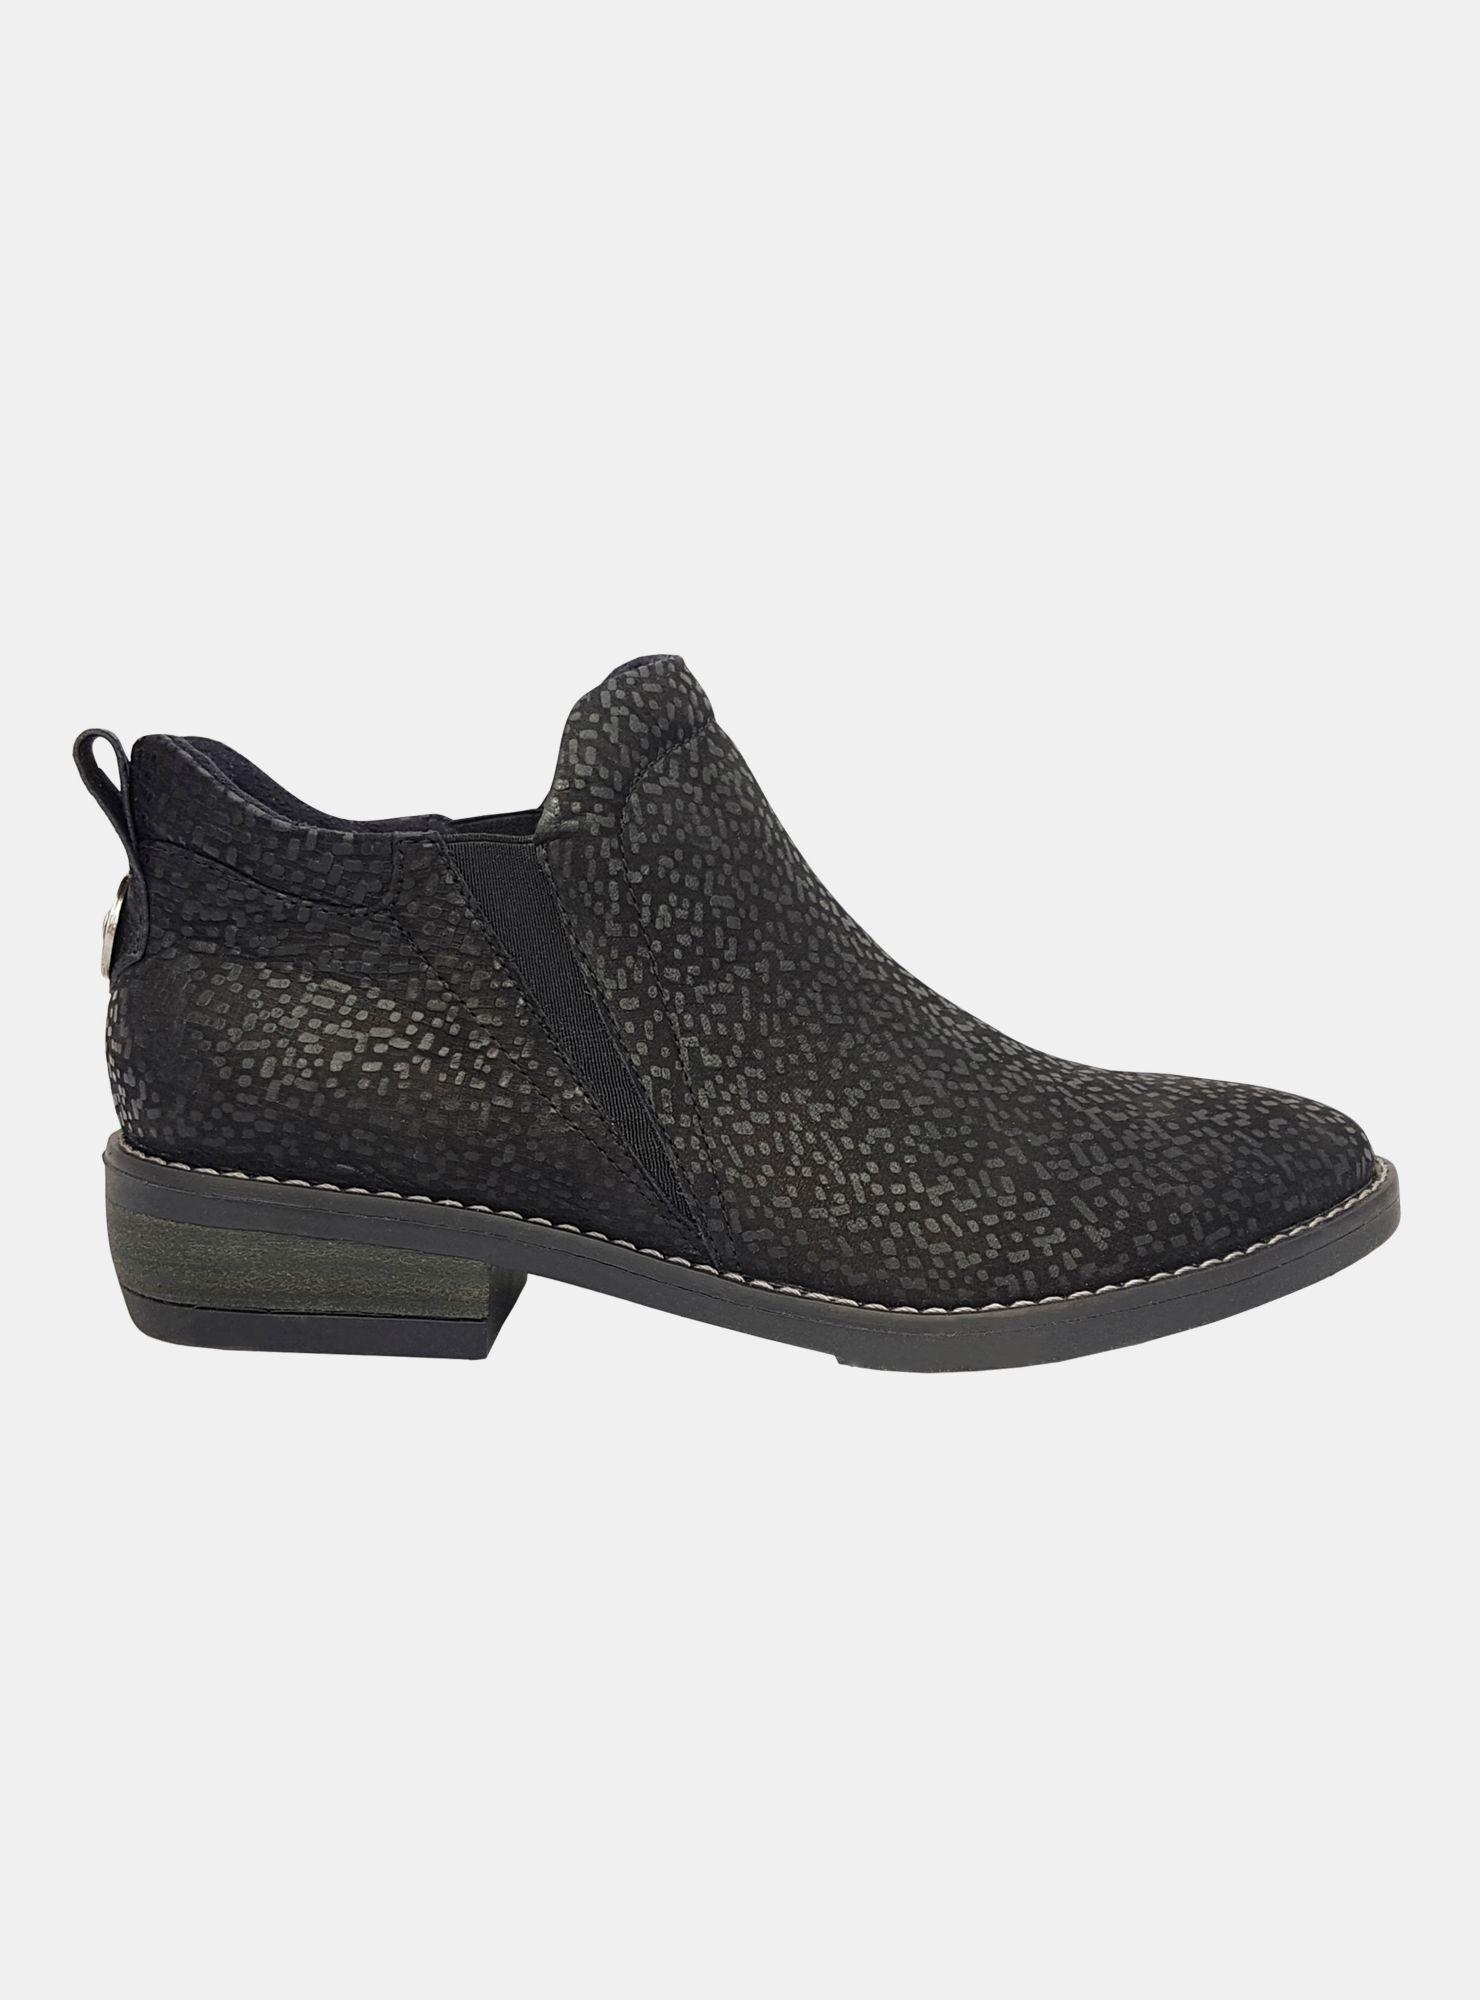 Precio cl Al Zapatos Tus Favoritos Paris Mujer Mejor q6waFpw